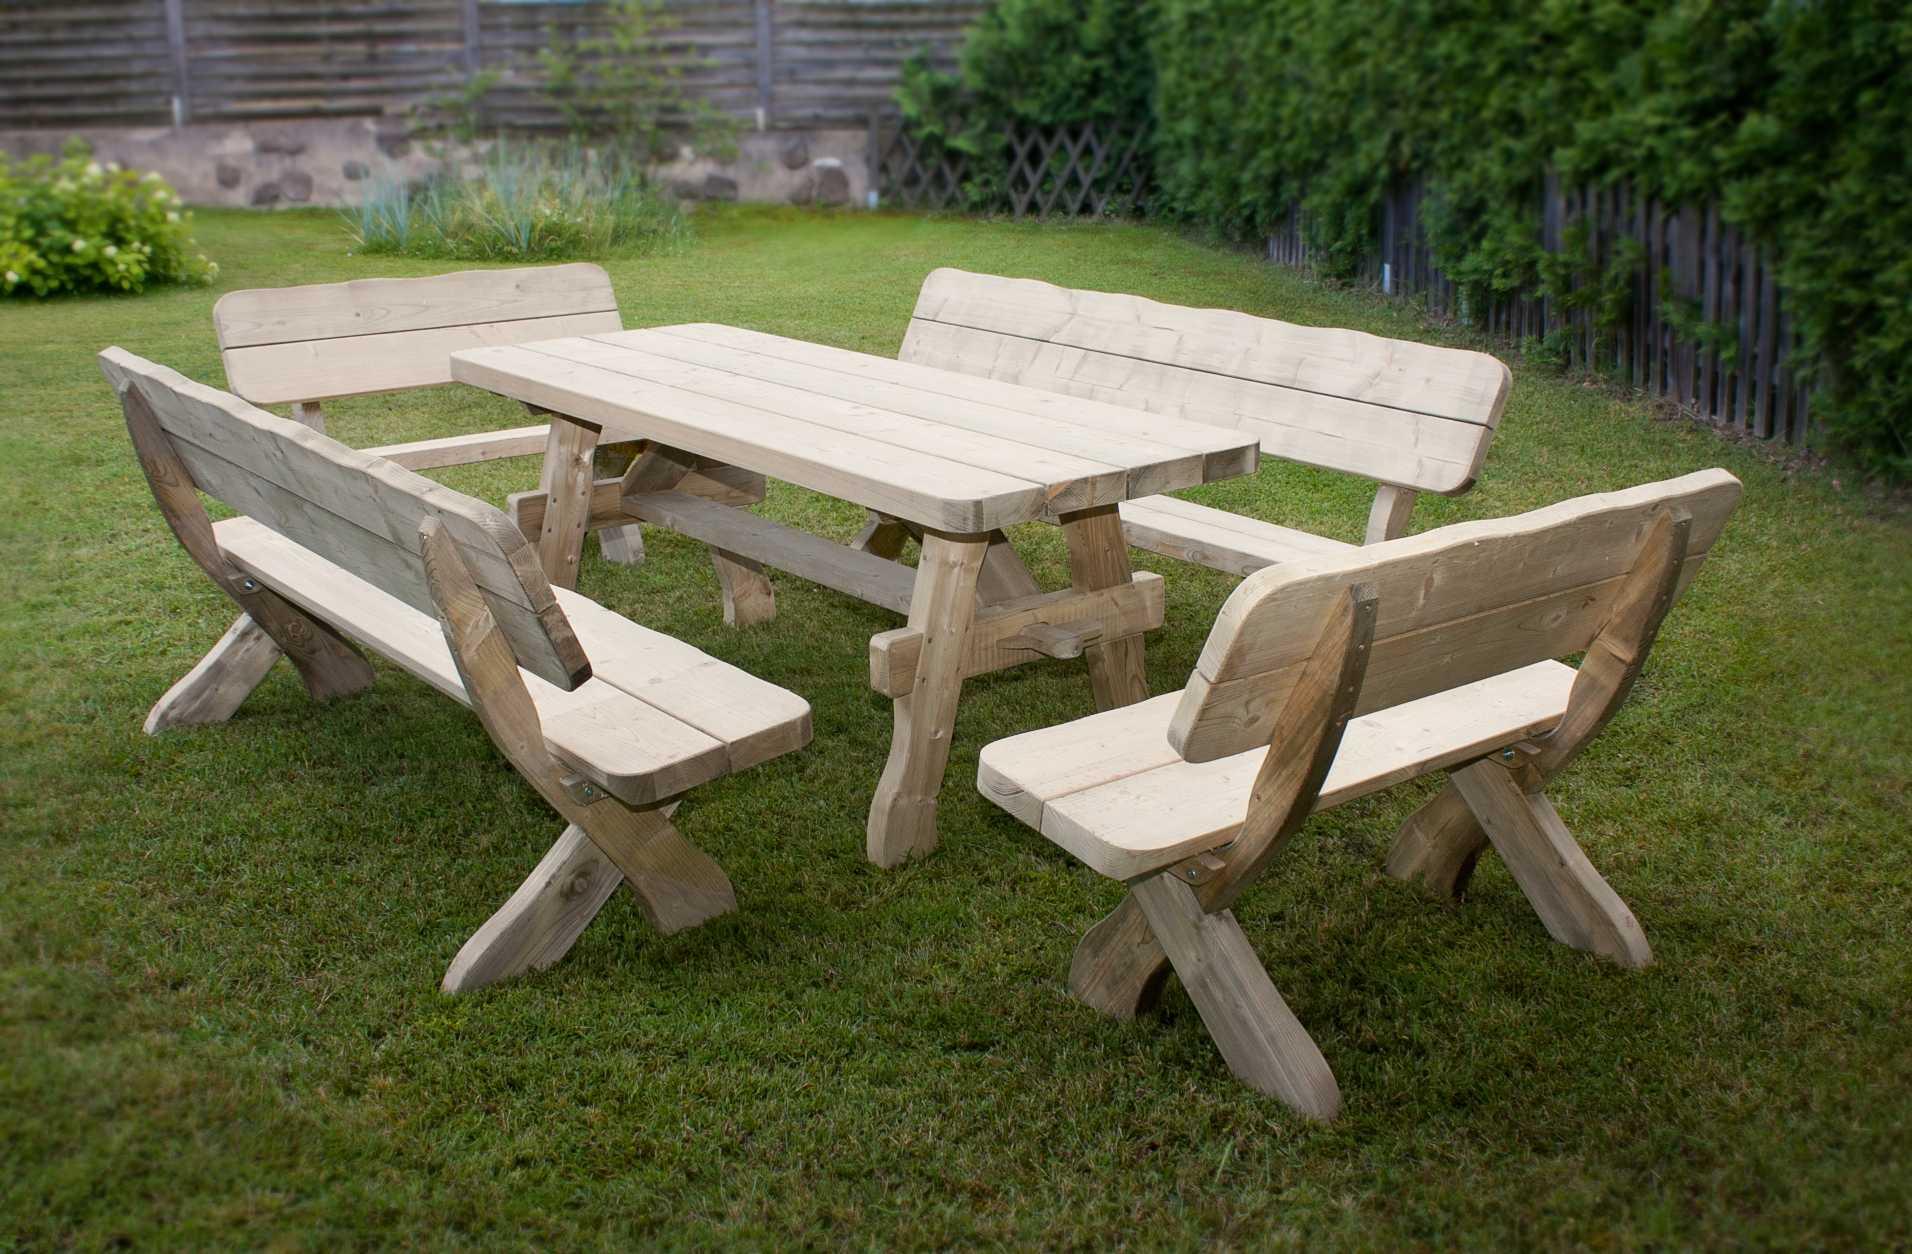 Salon de jardin bois massif - Abri de jardin et balancoire idée